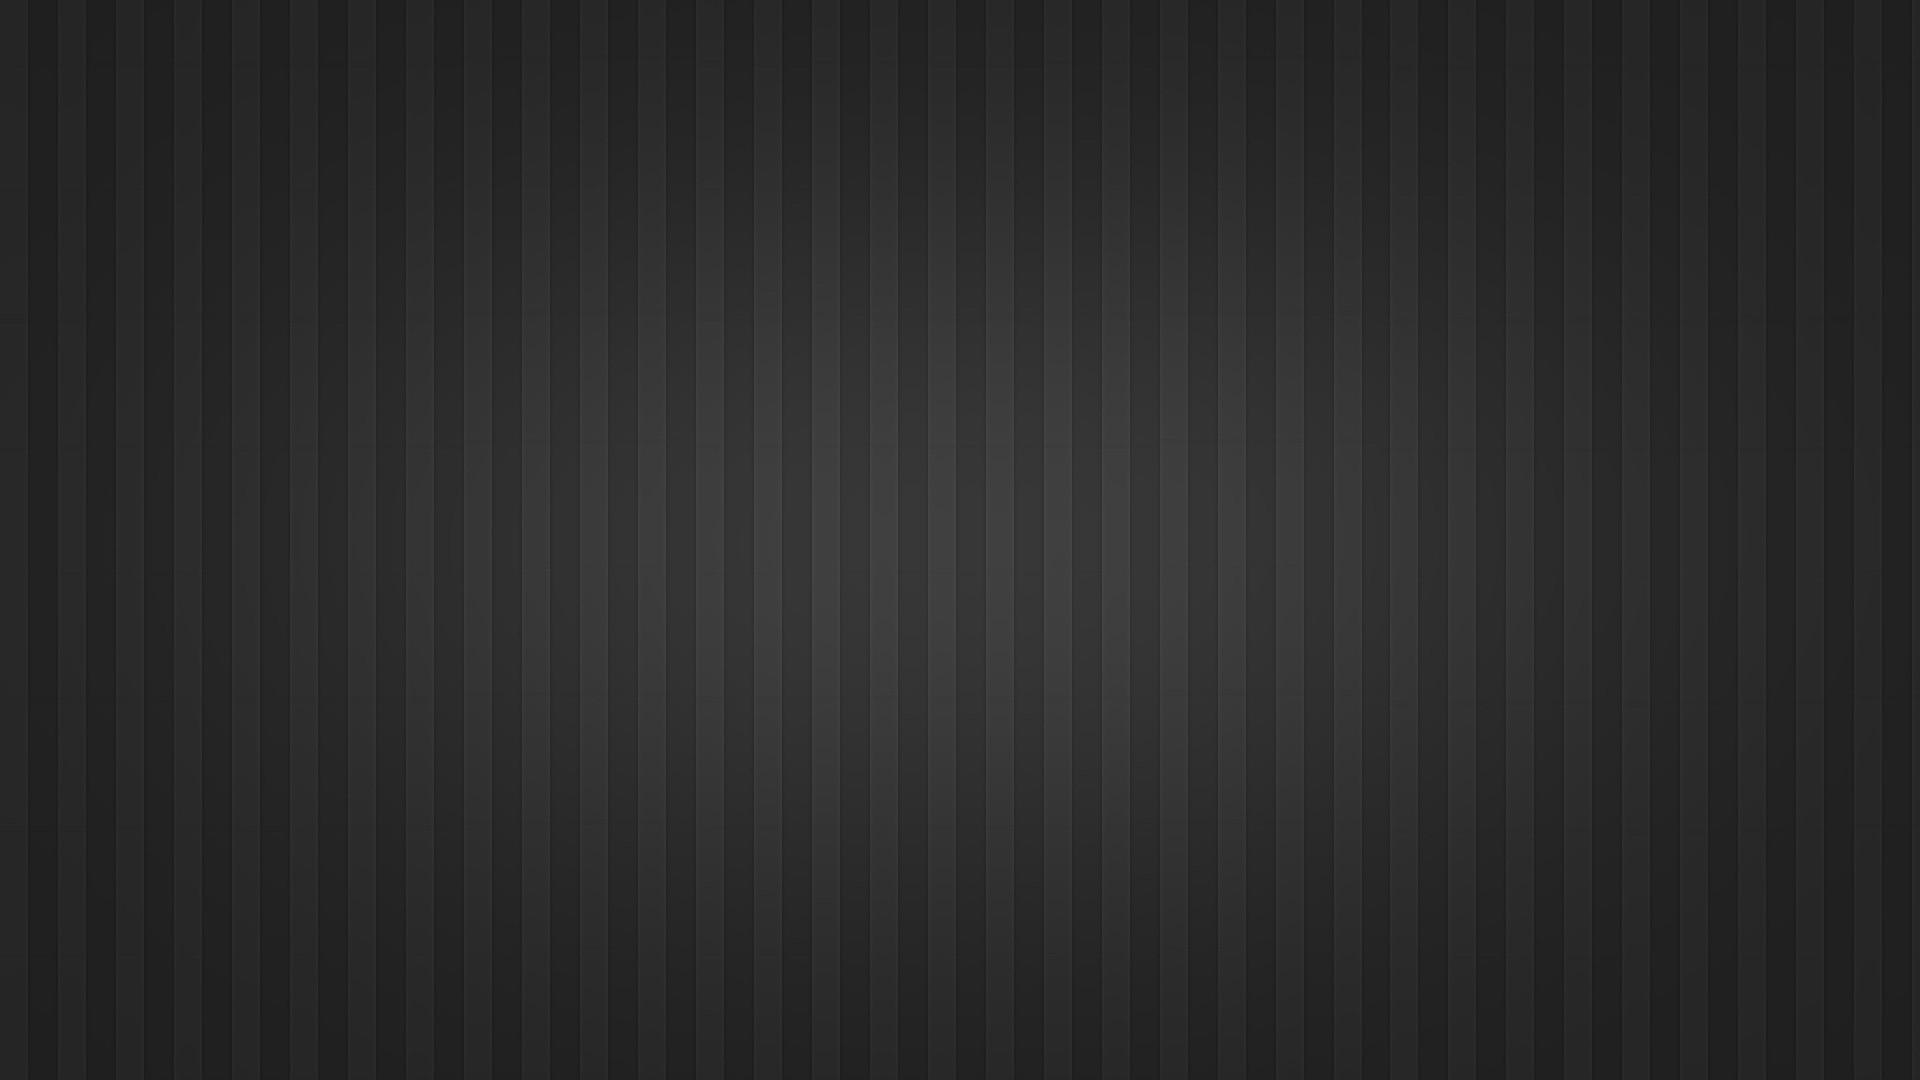 Dark Gray Stripes   Uncategorized Wallpapers Best HD Wallpapers 1920x1080